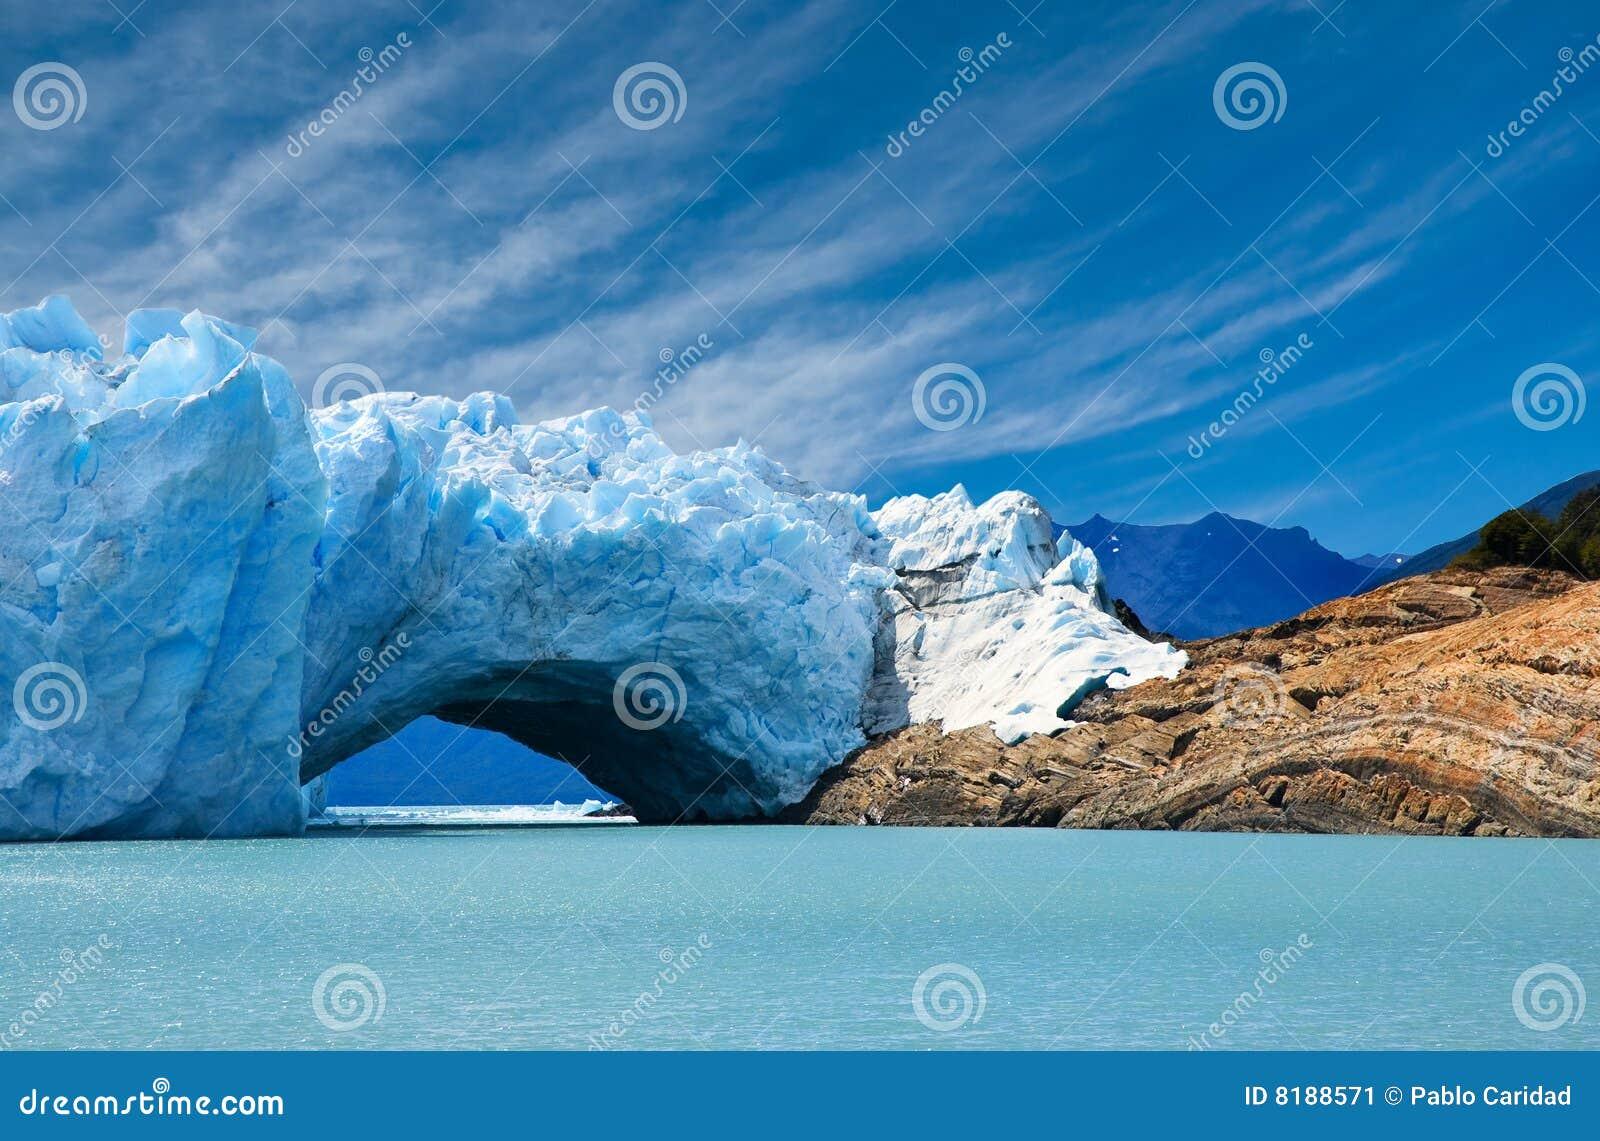 Puente del hielo en el glaciar de Perito Moreno.